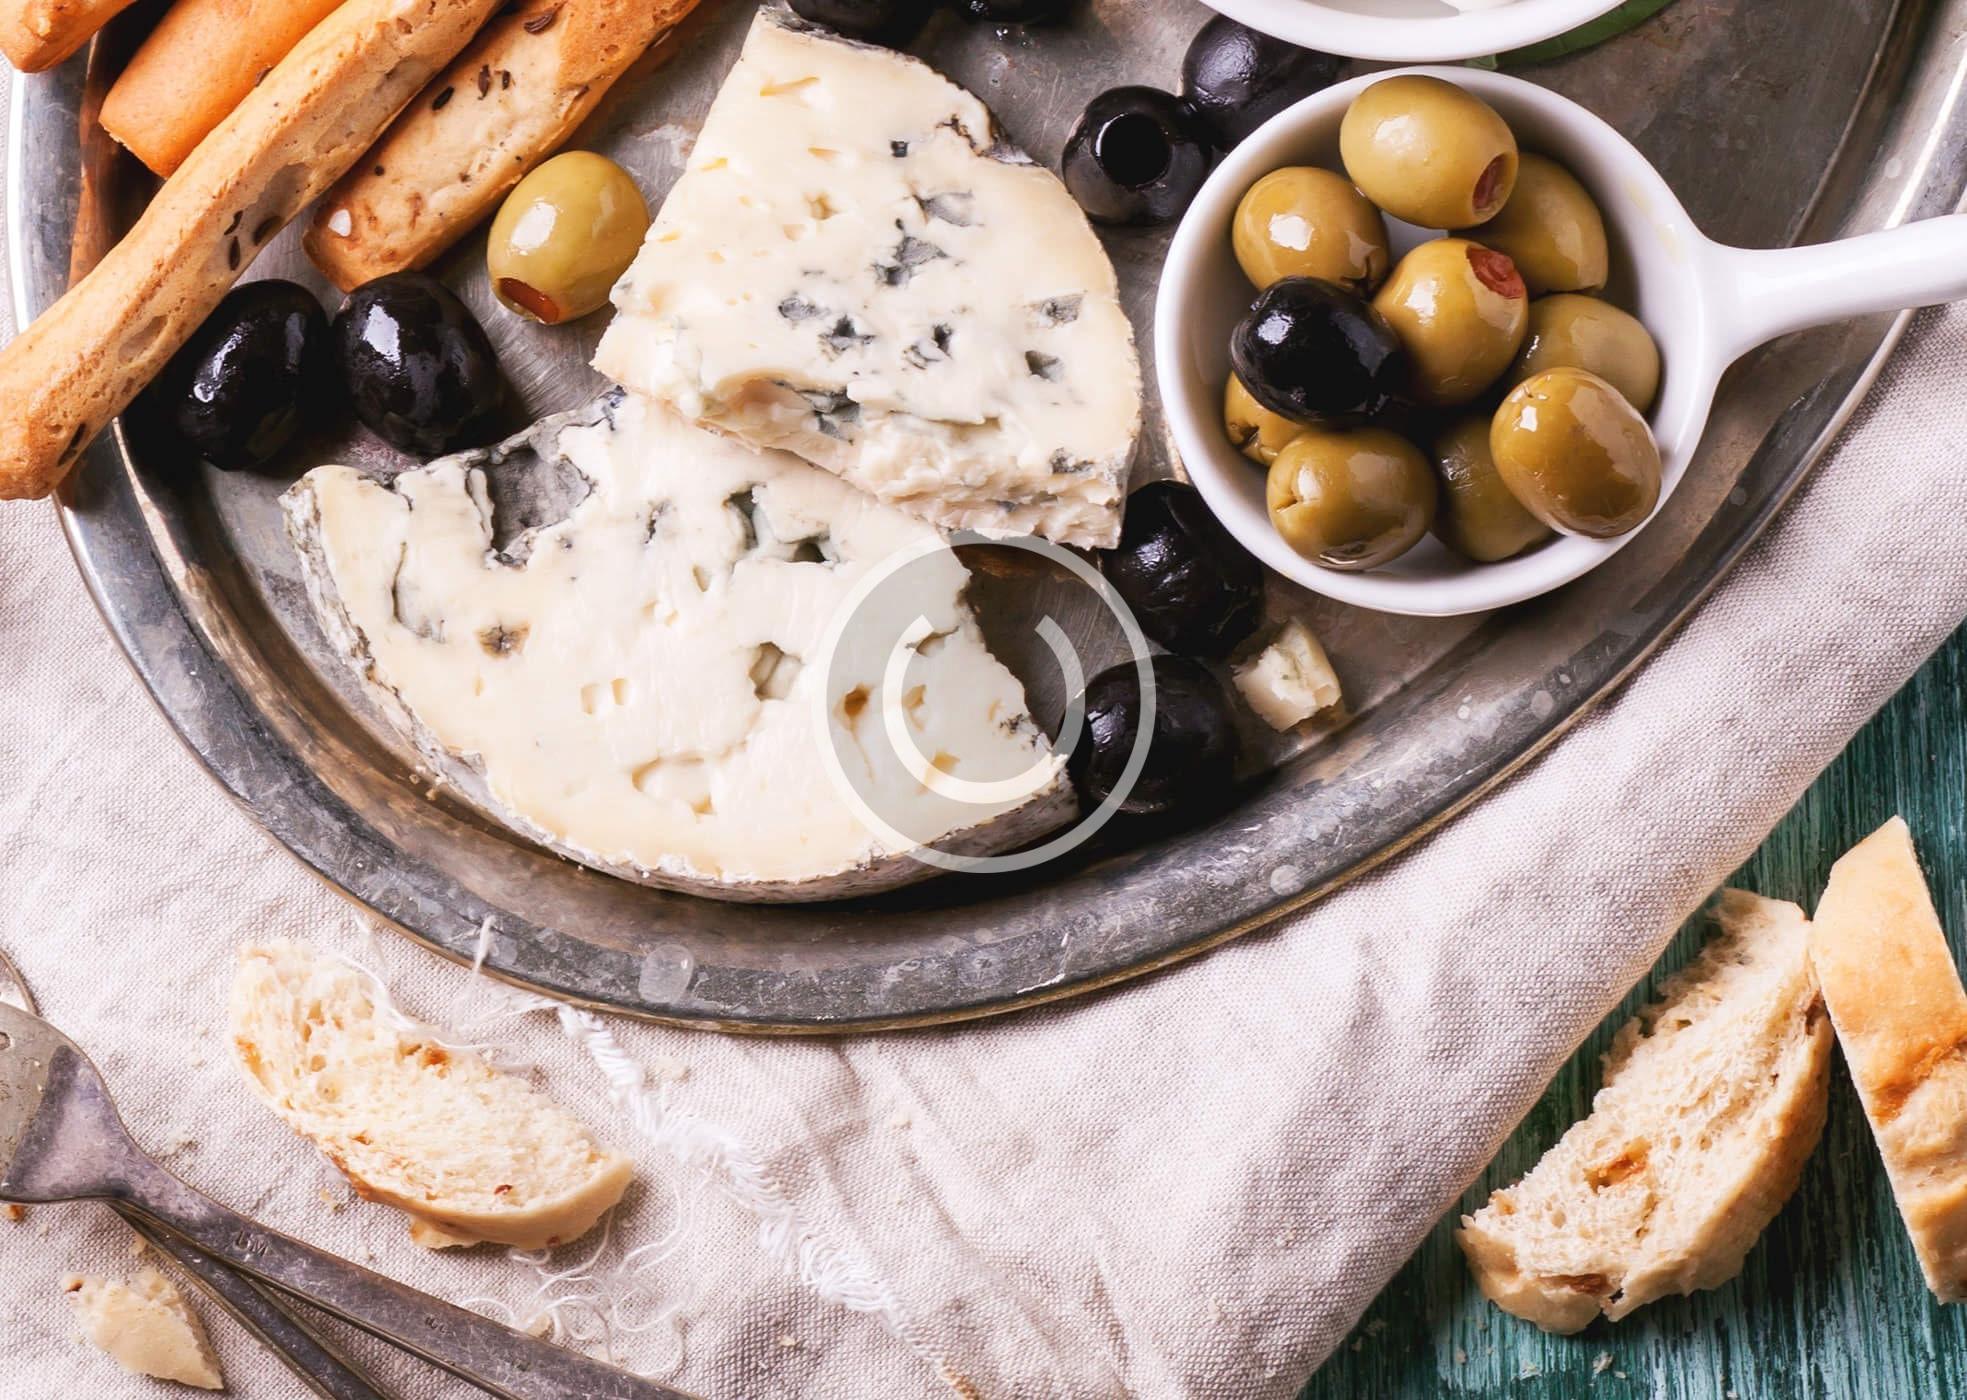 Pizzabrot mit Rosmarin und Oliven